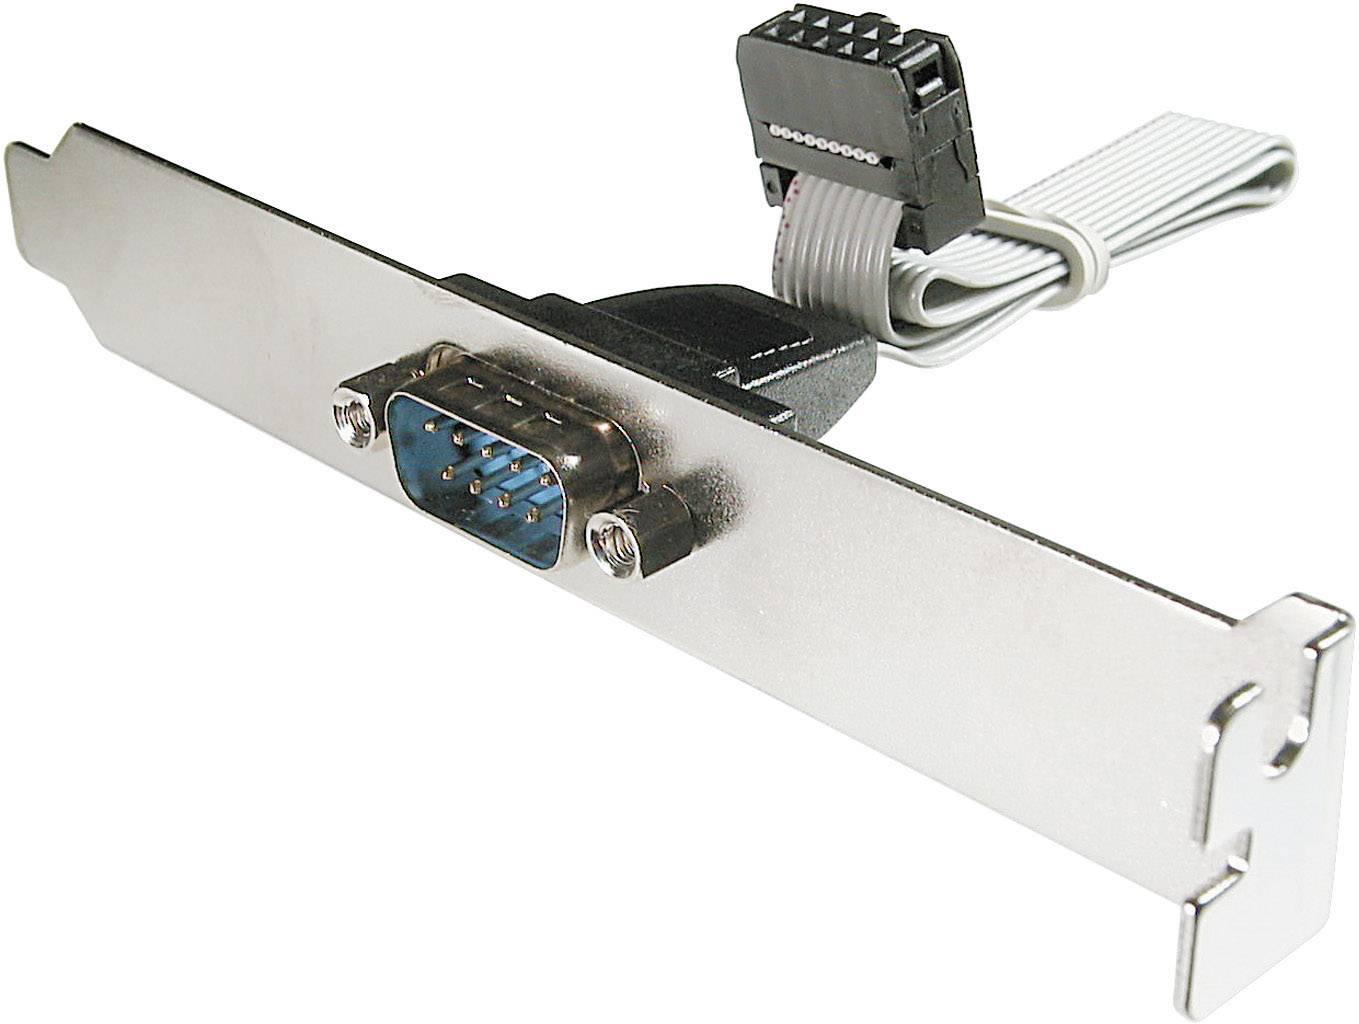 Sériová zásuvná karta Digitus AK-610300-003-E AK-610300-003-E, 1 port